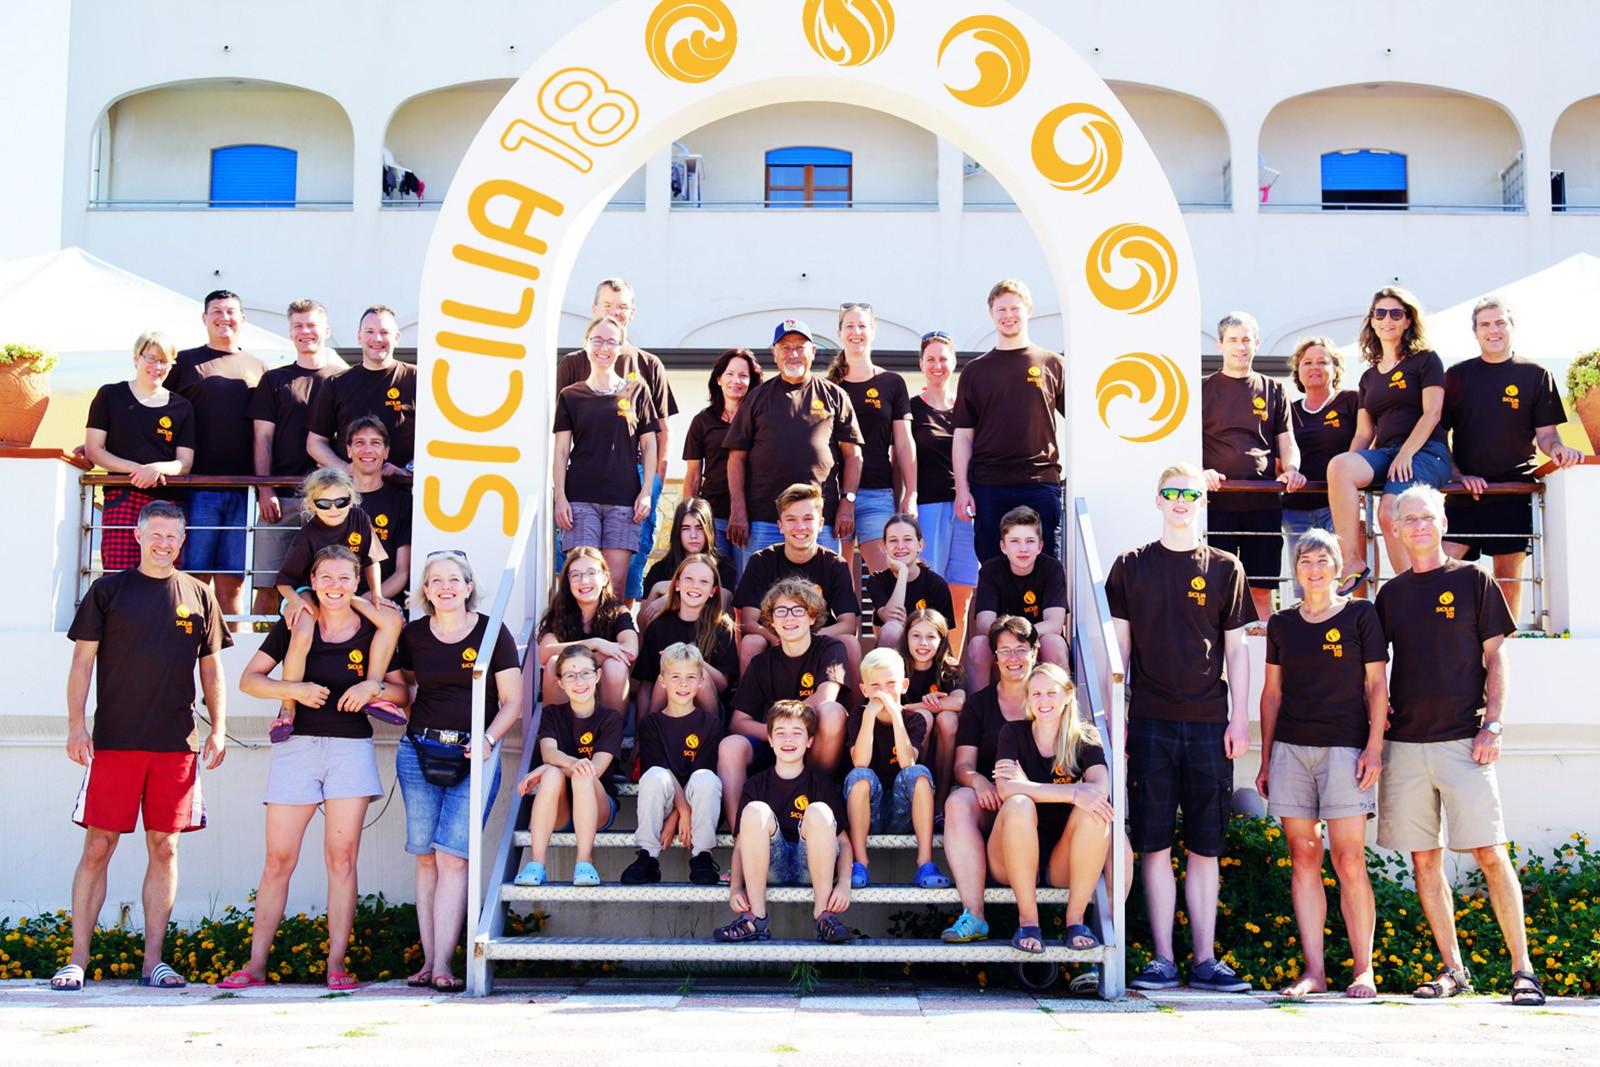 Volleyballtrainingslager Sicilia 2018 im Sonnenschein